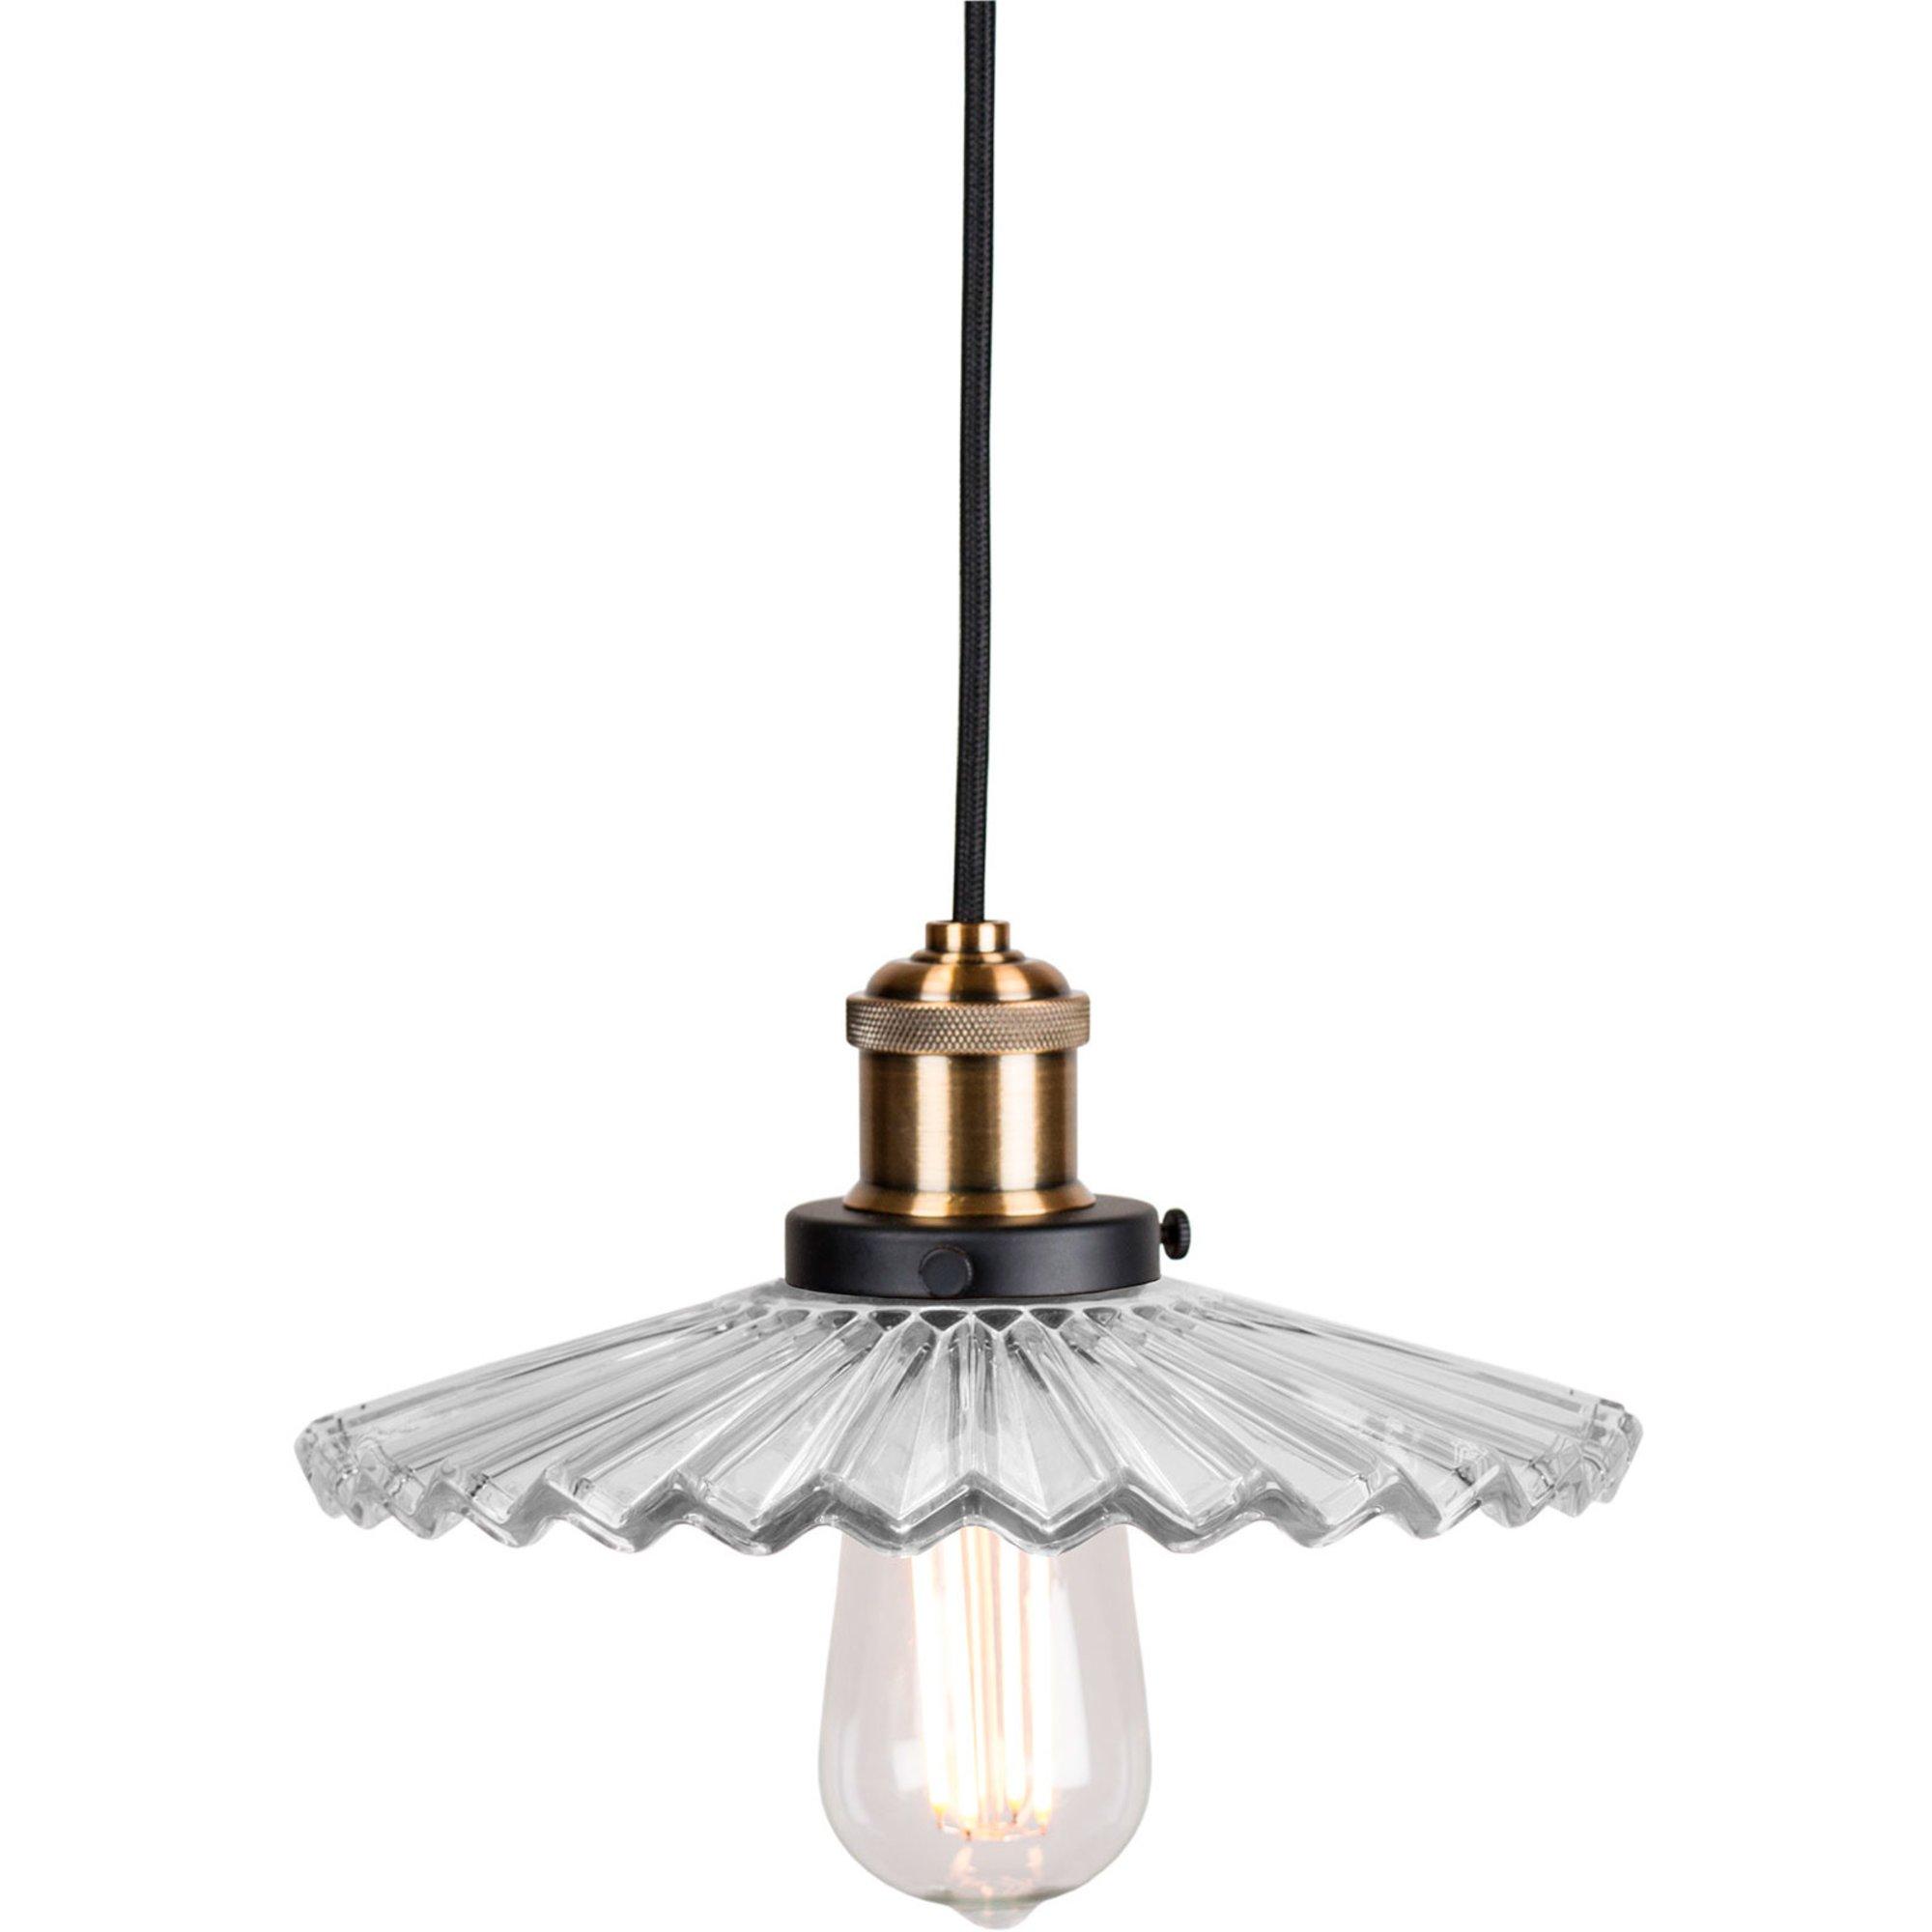 Globen Lighting Cobbler Pendel 25 cm klar